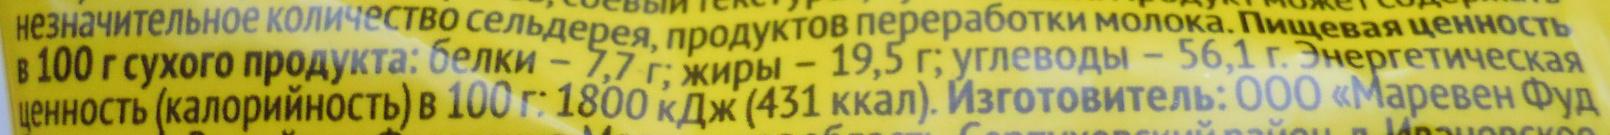 Лапша с говядиной «по-домашнему» - Informations nutritionnelles